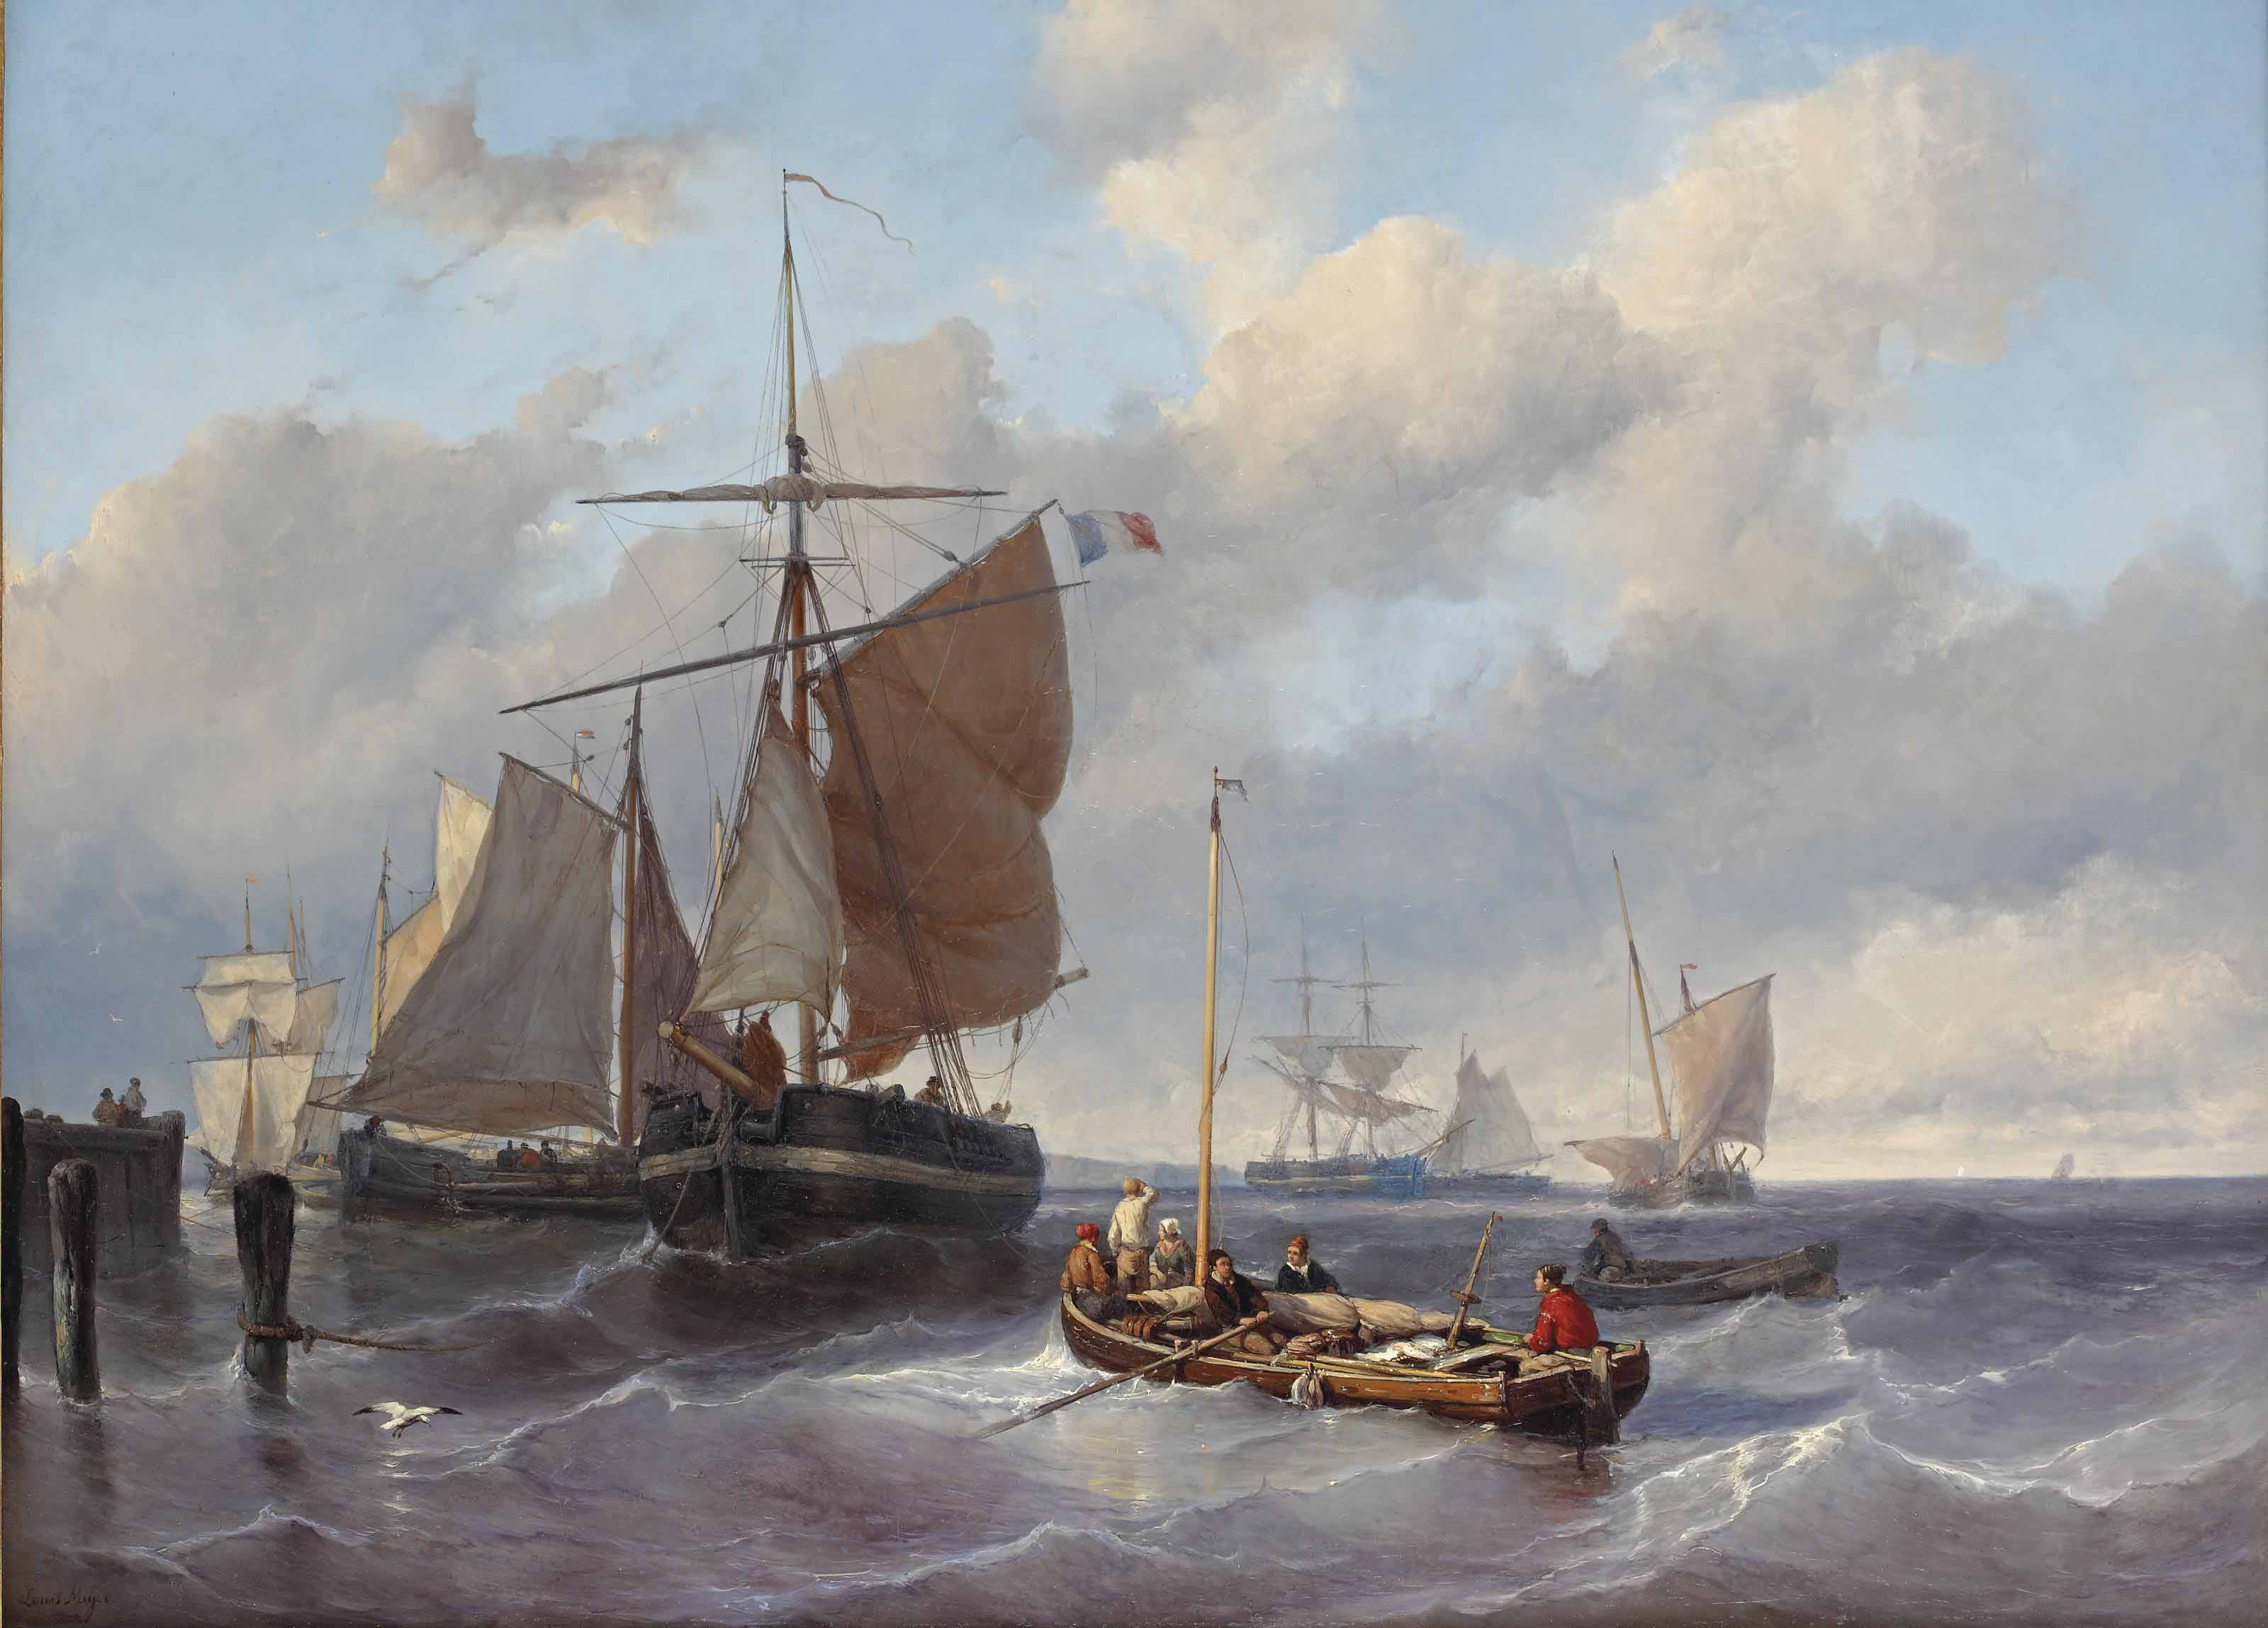 Sea scene with fishing boats